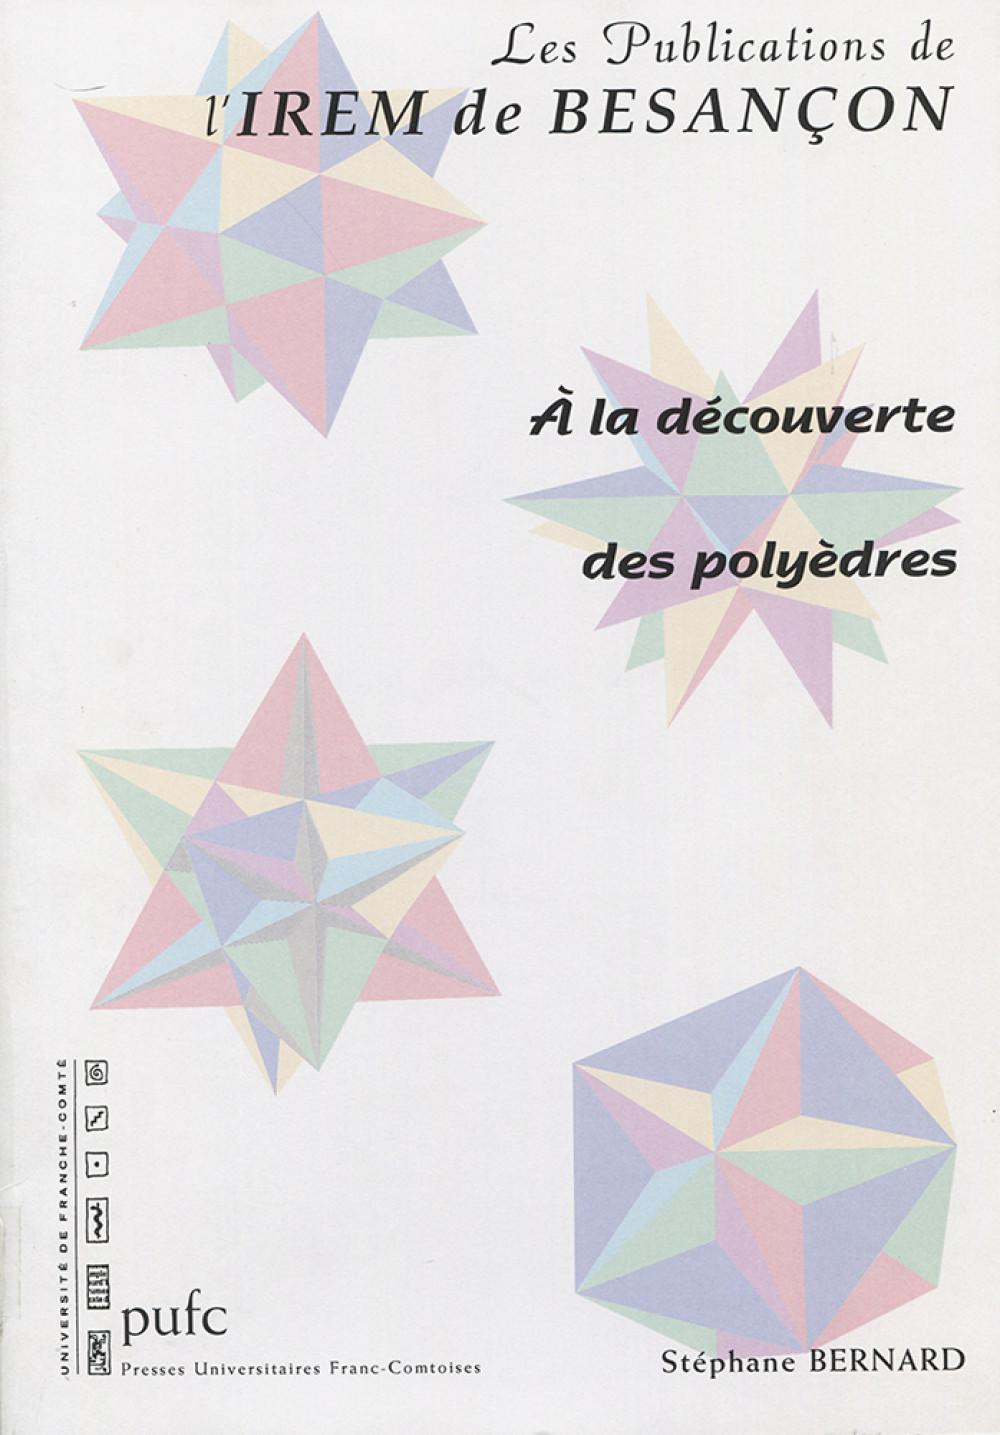 A la découverte des polyèdres